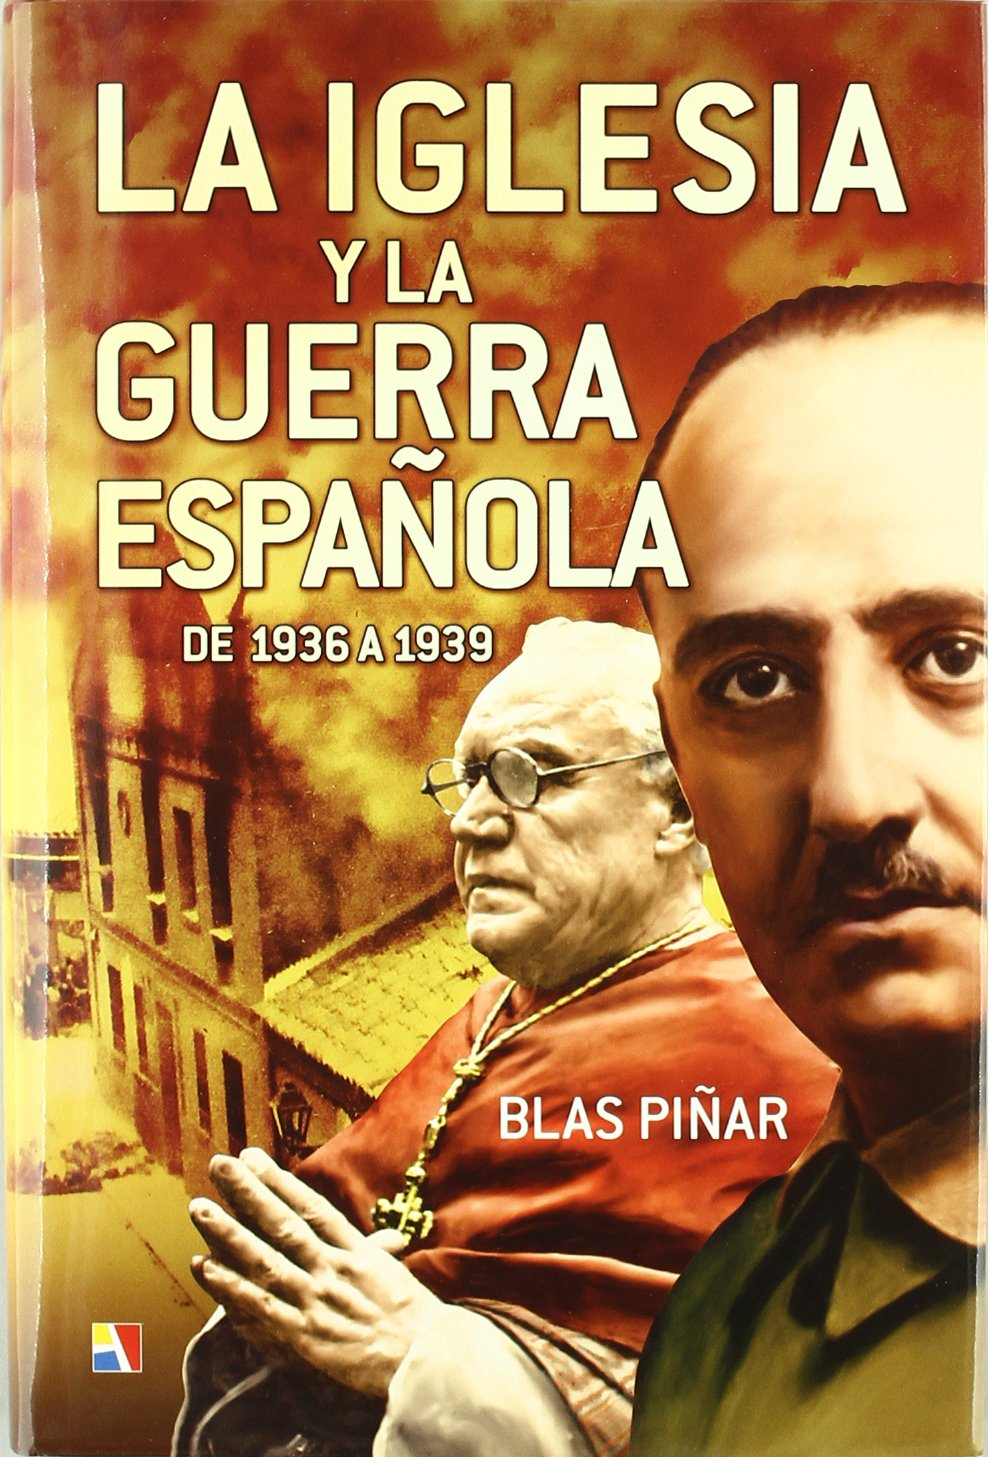 IGLESIA Y LA GUERRA ESPAÑOLA DE 1936 A 1939: Amazon.es: PIÑAR BLAS: Libros